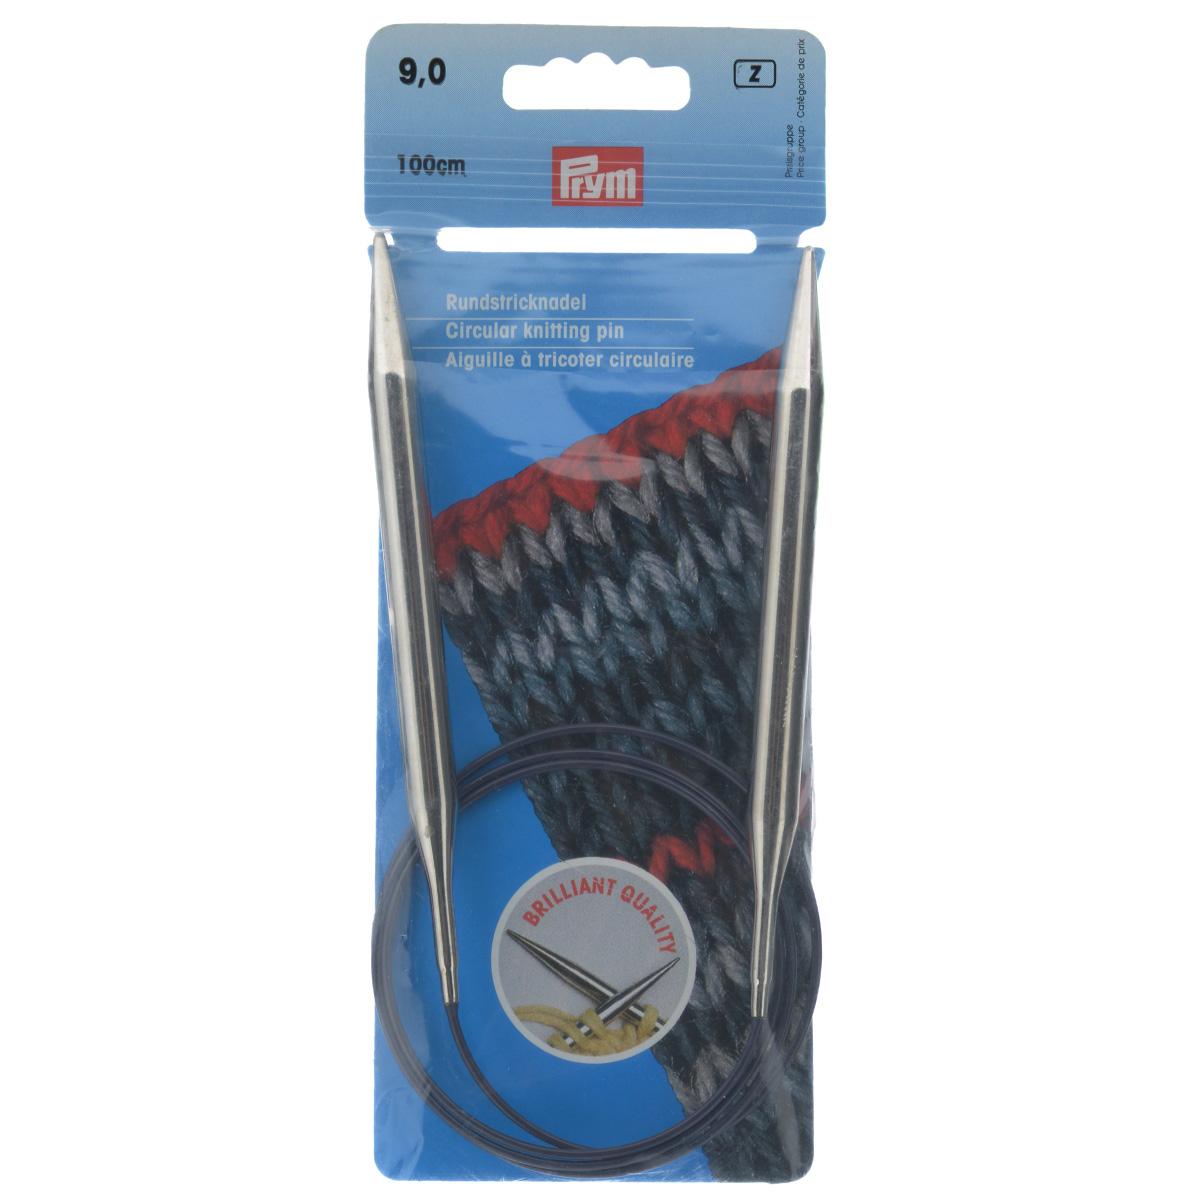 Спицы Prym, латунные, круговые, диаметр 9 мм, длина 100 см212226Спицы для вязания Prym изготовлены из латуни. Кончики спиц закругленные. Спицы скреплены гибким, пластиковым шнуром. Они прочные, легкие, гладкие, удобные в использовании. Круговые спицы наиболее удобны для выполнения деталей и изделий, не имеющих швов. Короткими круговыми спицами вяжут бейки горловины, воротники-гольф, длинными спицами можно вязать по кругу целые модели. Вы сможете вязать для себя, делать подарки друзьям. Рукоделие всегда считалось изысканным, благородным делом. Работа, сделанная своими руками, долго будет радовать вас и ваших близких. Диаметр: 9 мм. Материал: латунь, пластик.